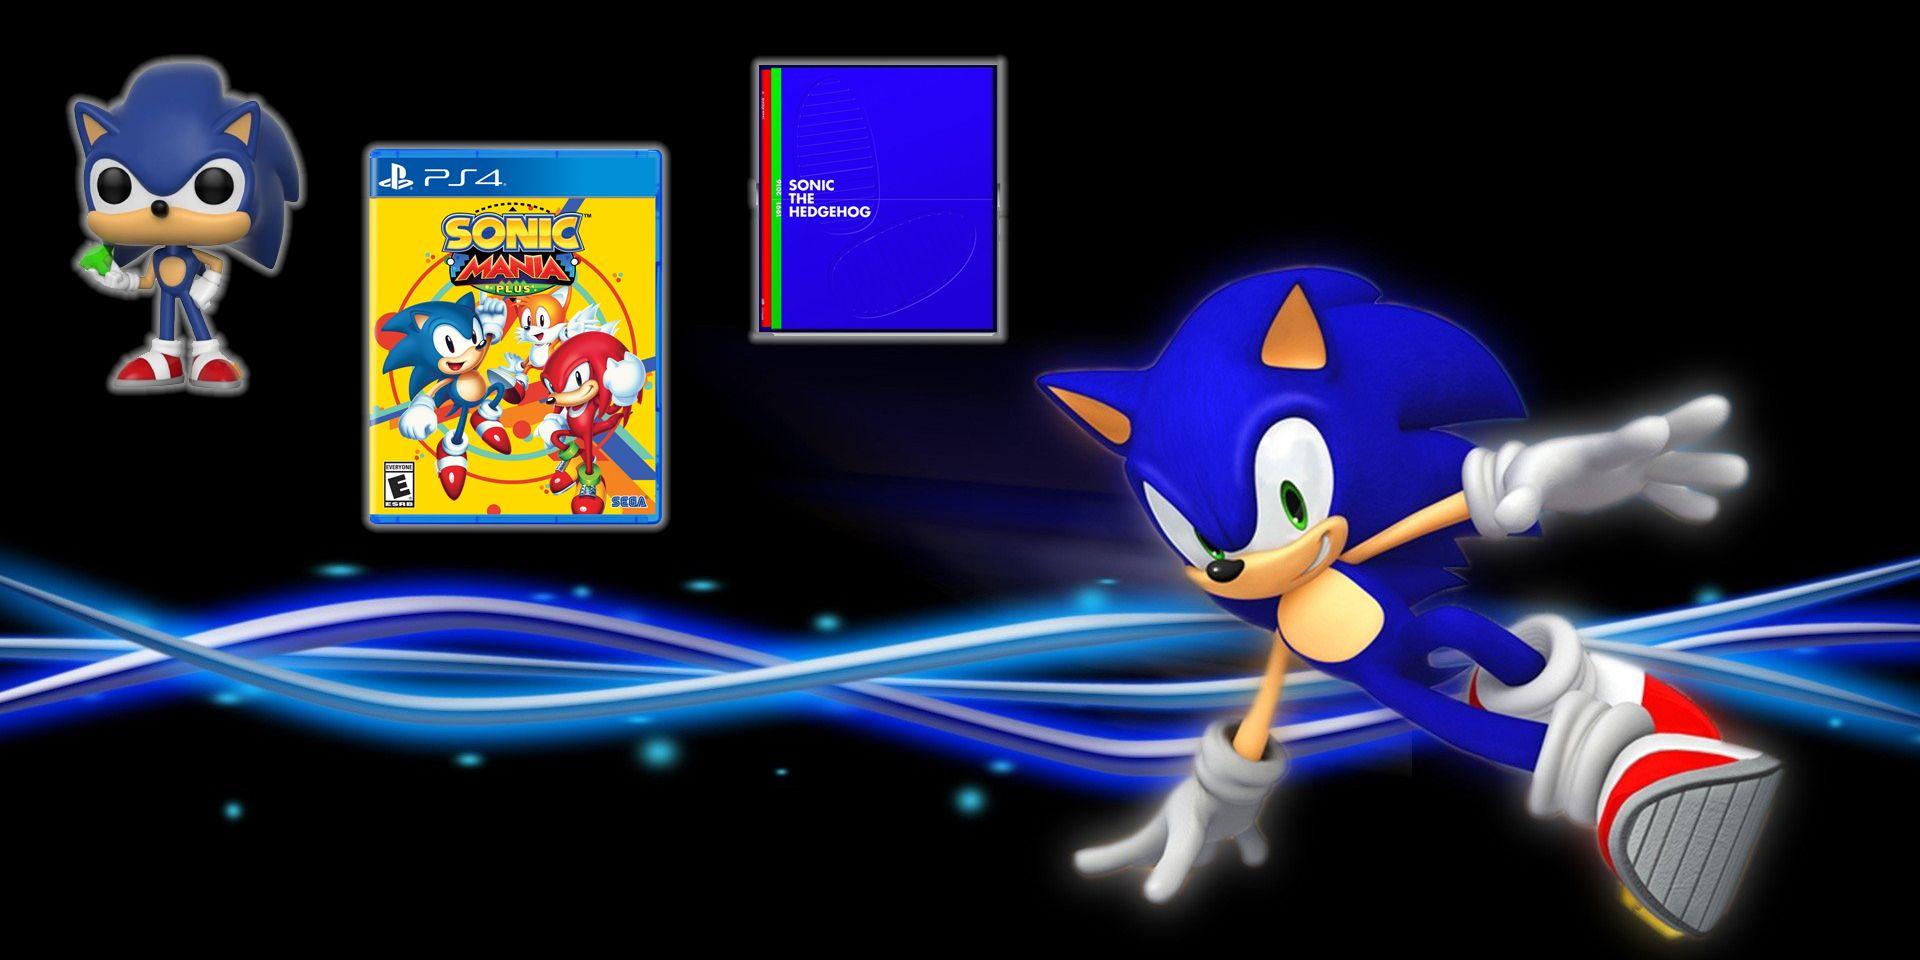 10 Best Gifts For Gaming Fans Of Sega S Sonic Thegamer